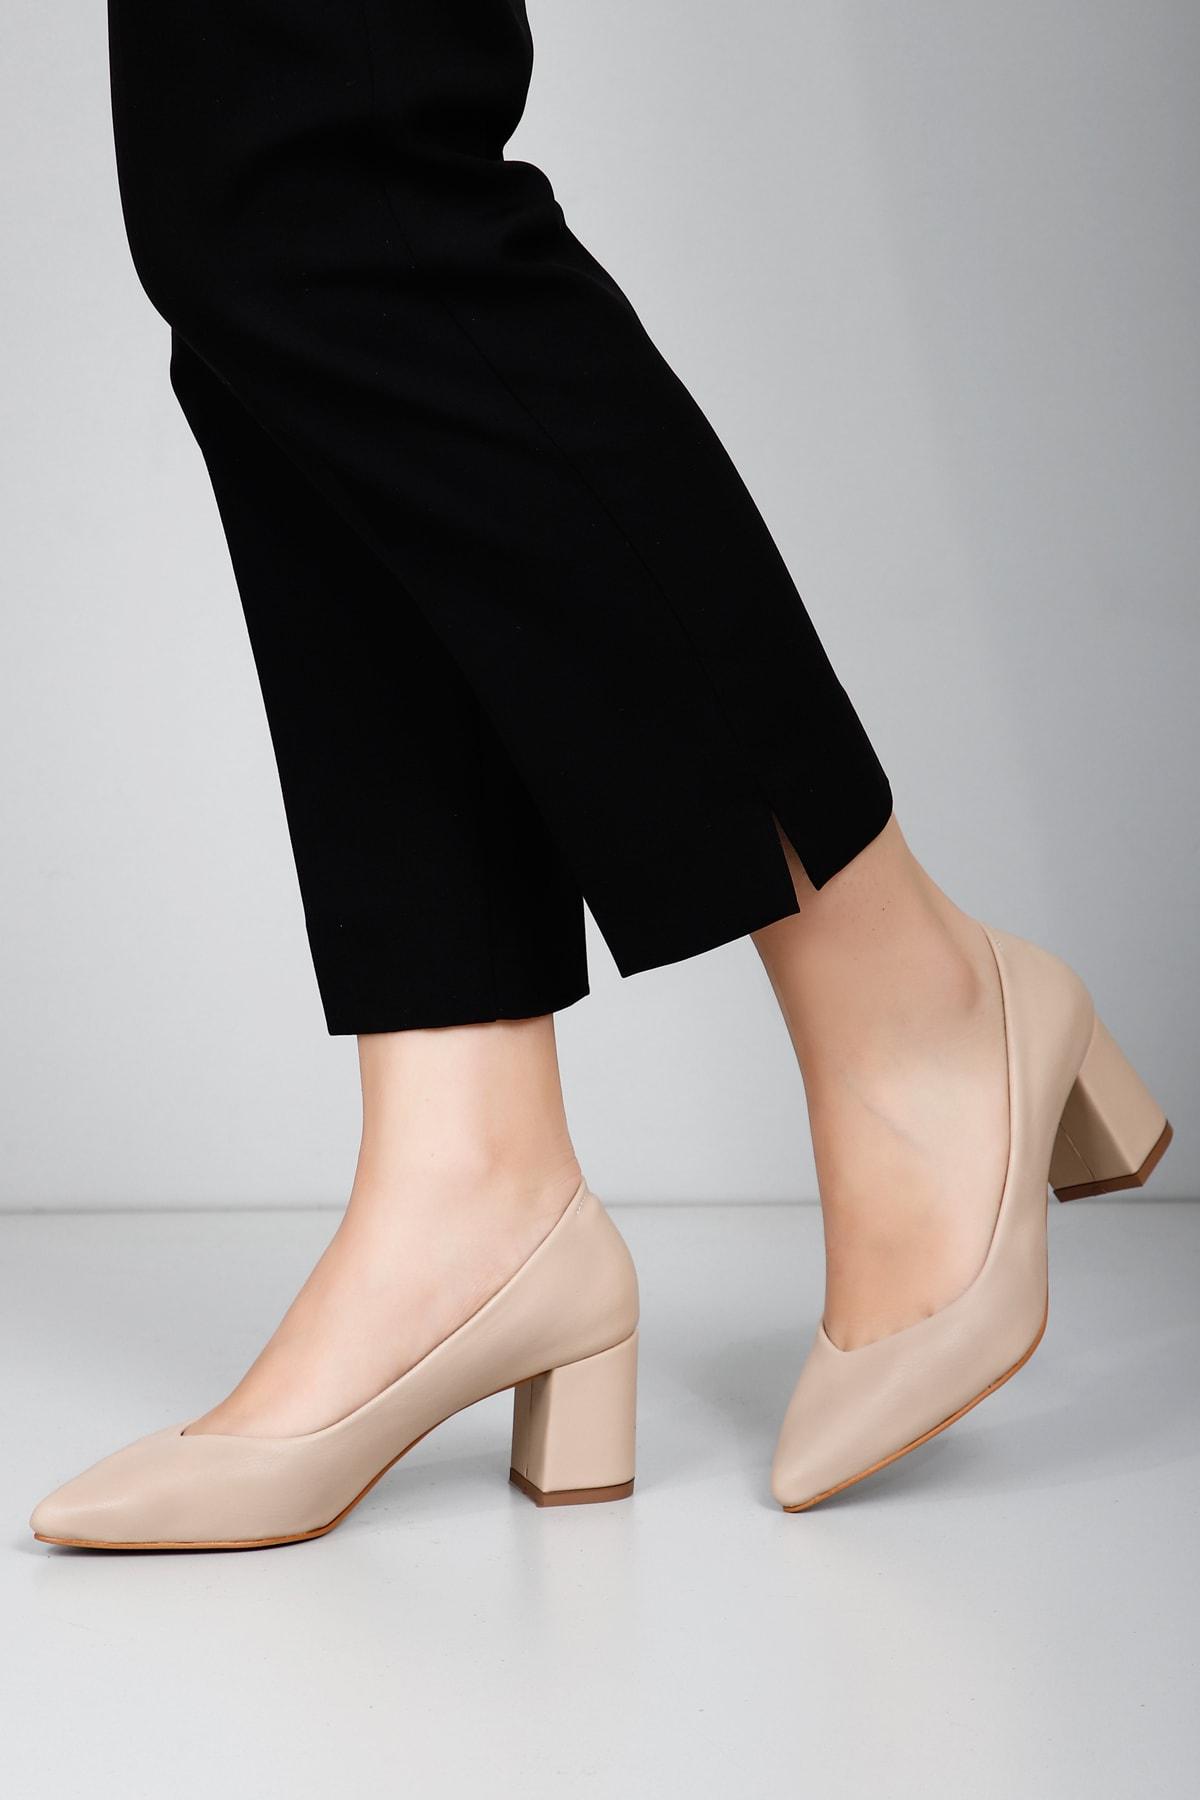 G.Ö.N Gön Kadın Topuklu Ayakkabı 38918 1